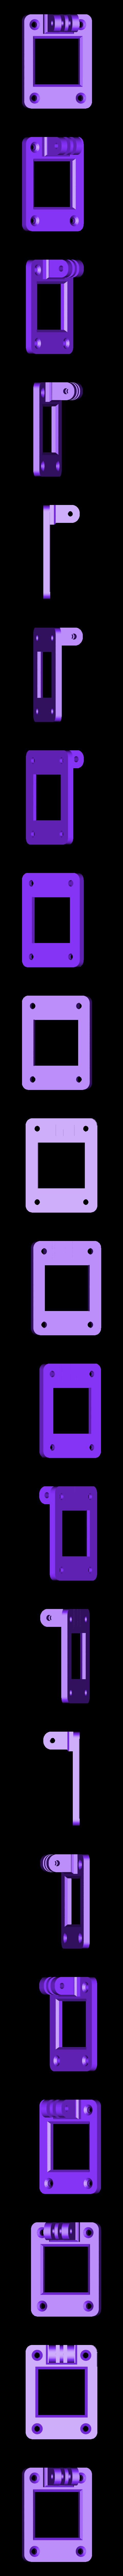 gopro2skate.stl Download free STL file gopro 2 skateboard • 3D printer model, fvaysse